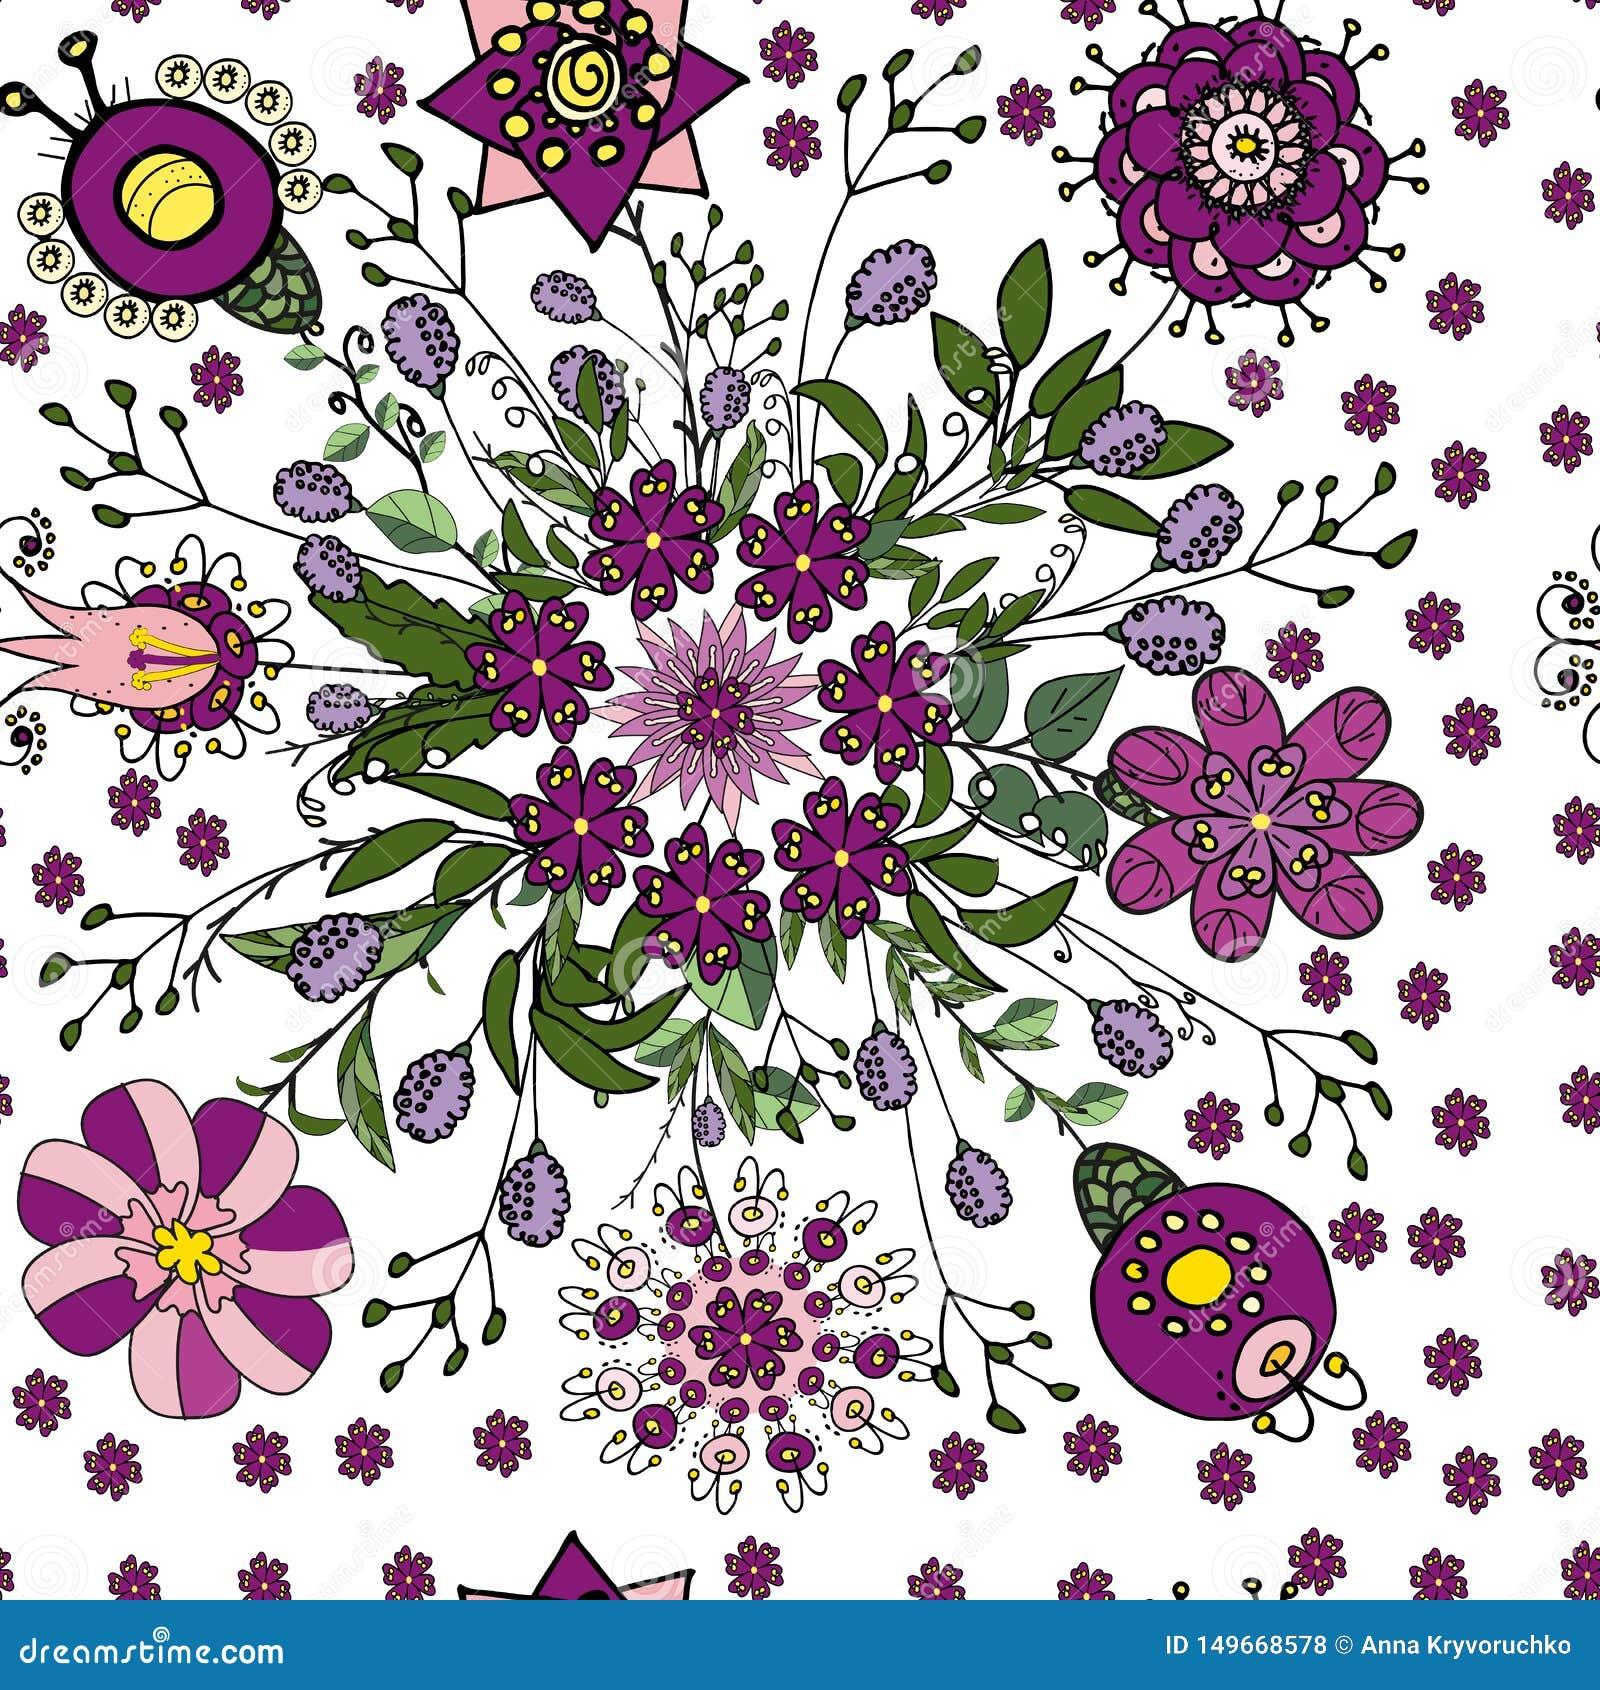 Naadloos bloemenpatroon in etnische fantasiestijl in violette en groene kleuren voor het verfraaien van groetkaarten, die tot tex